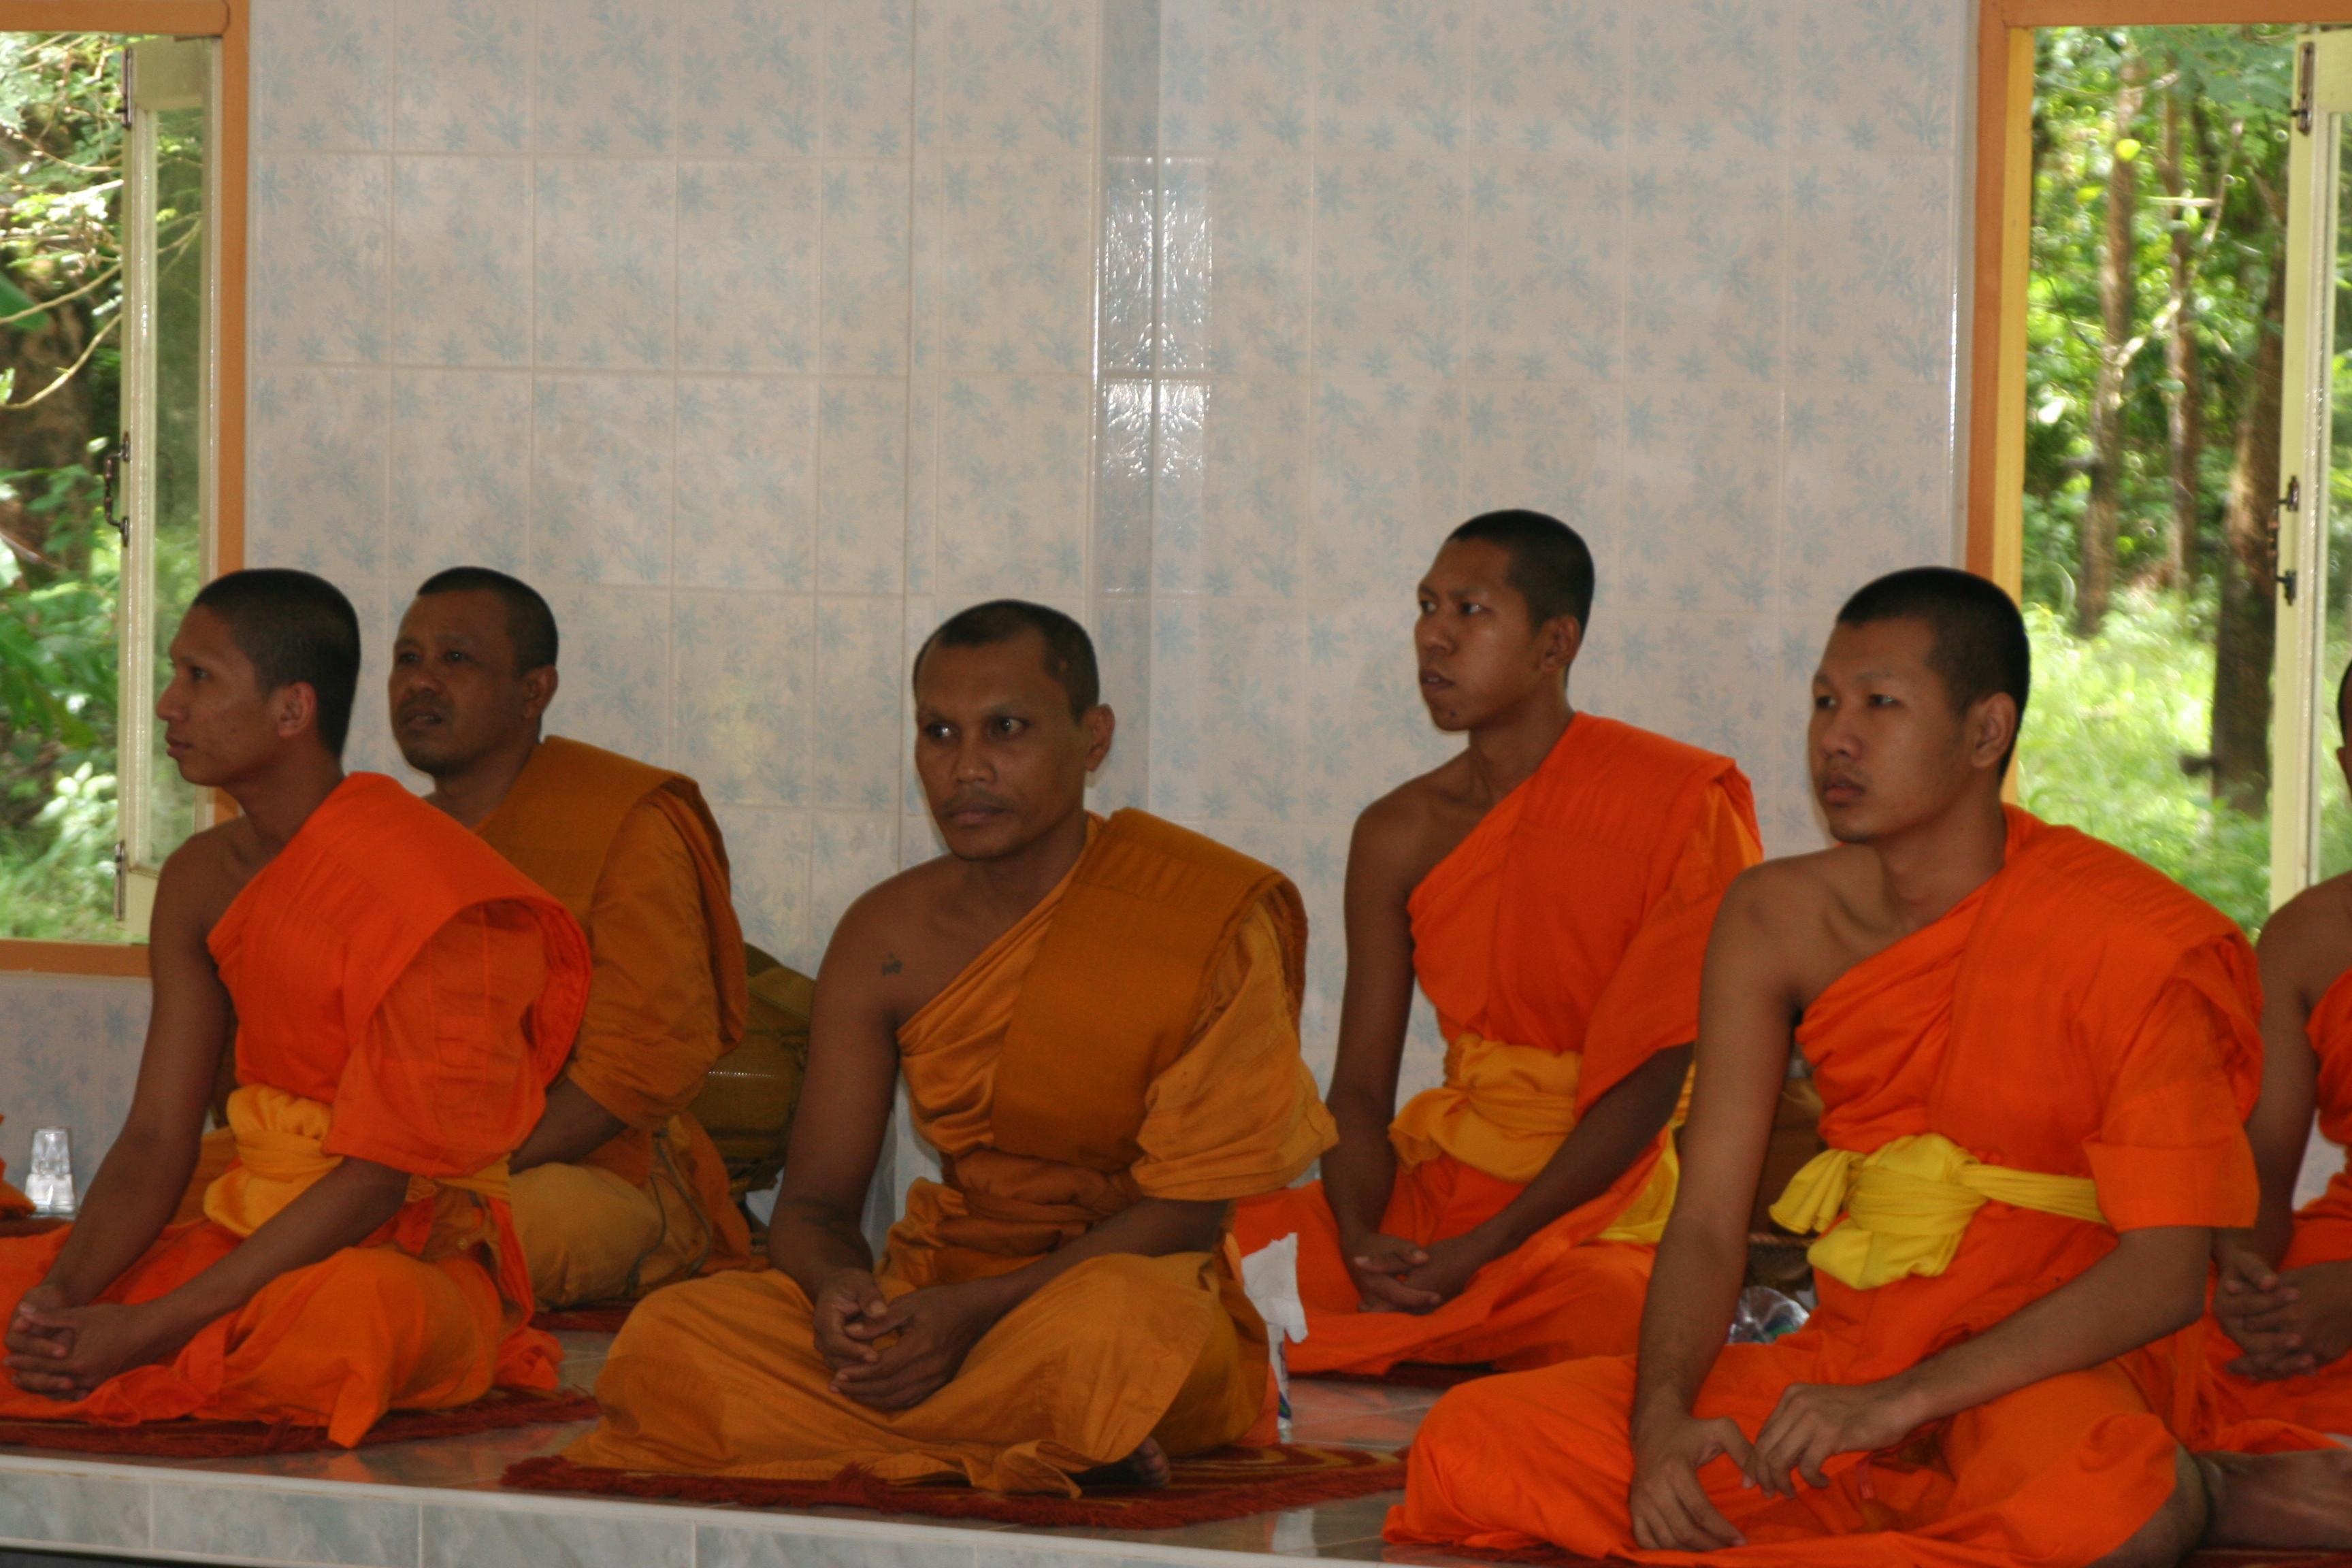 Chasing Monks in Luang Prabang